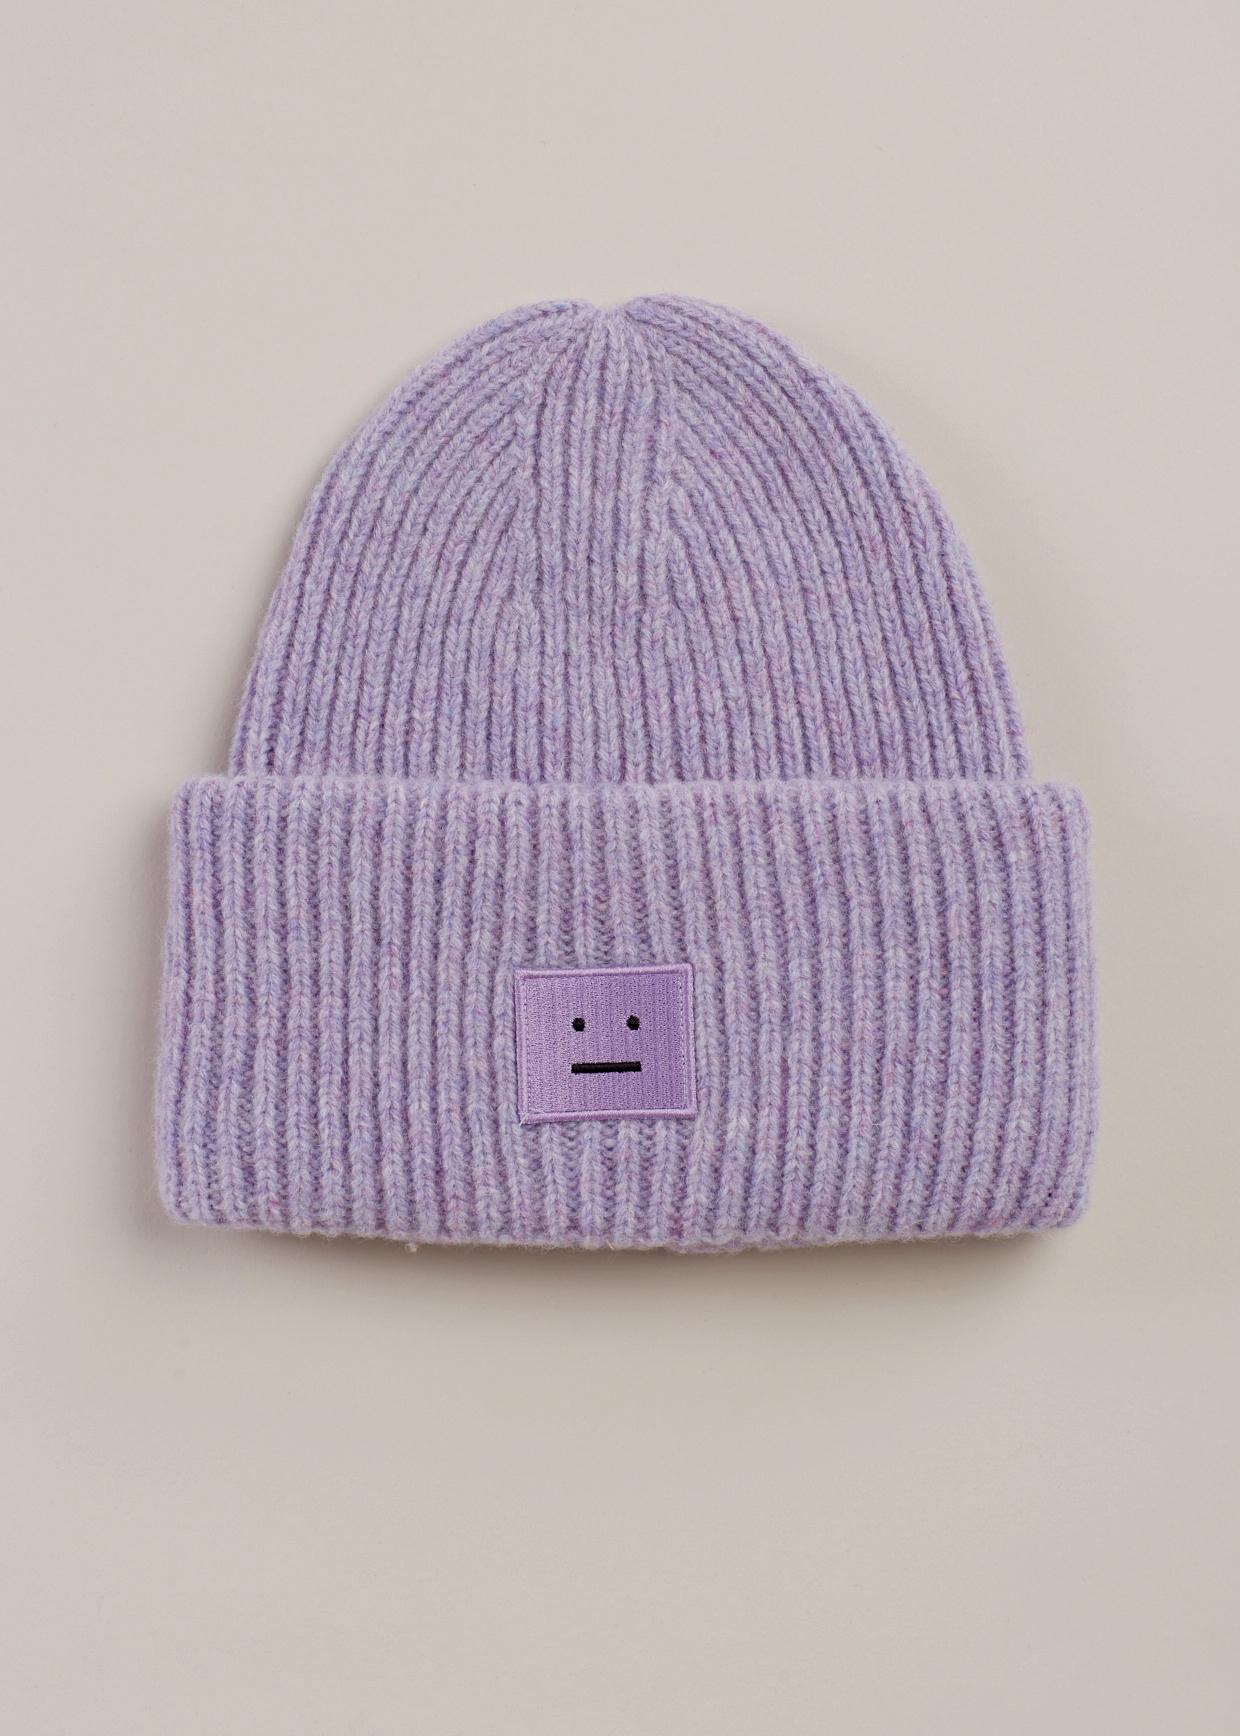 b5f99ea34ec Lyst - Acne Studios Lavender Pansy Shet Hat in Purple